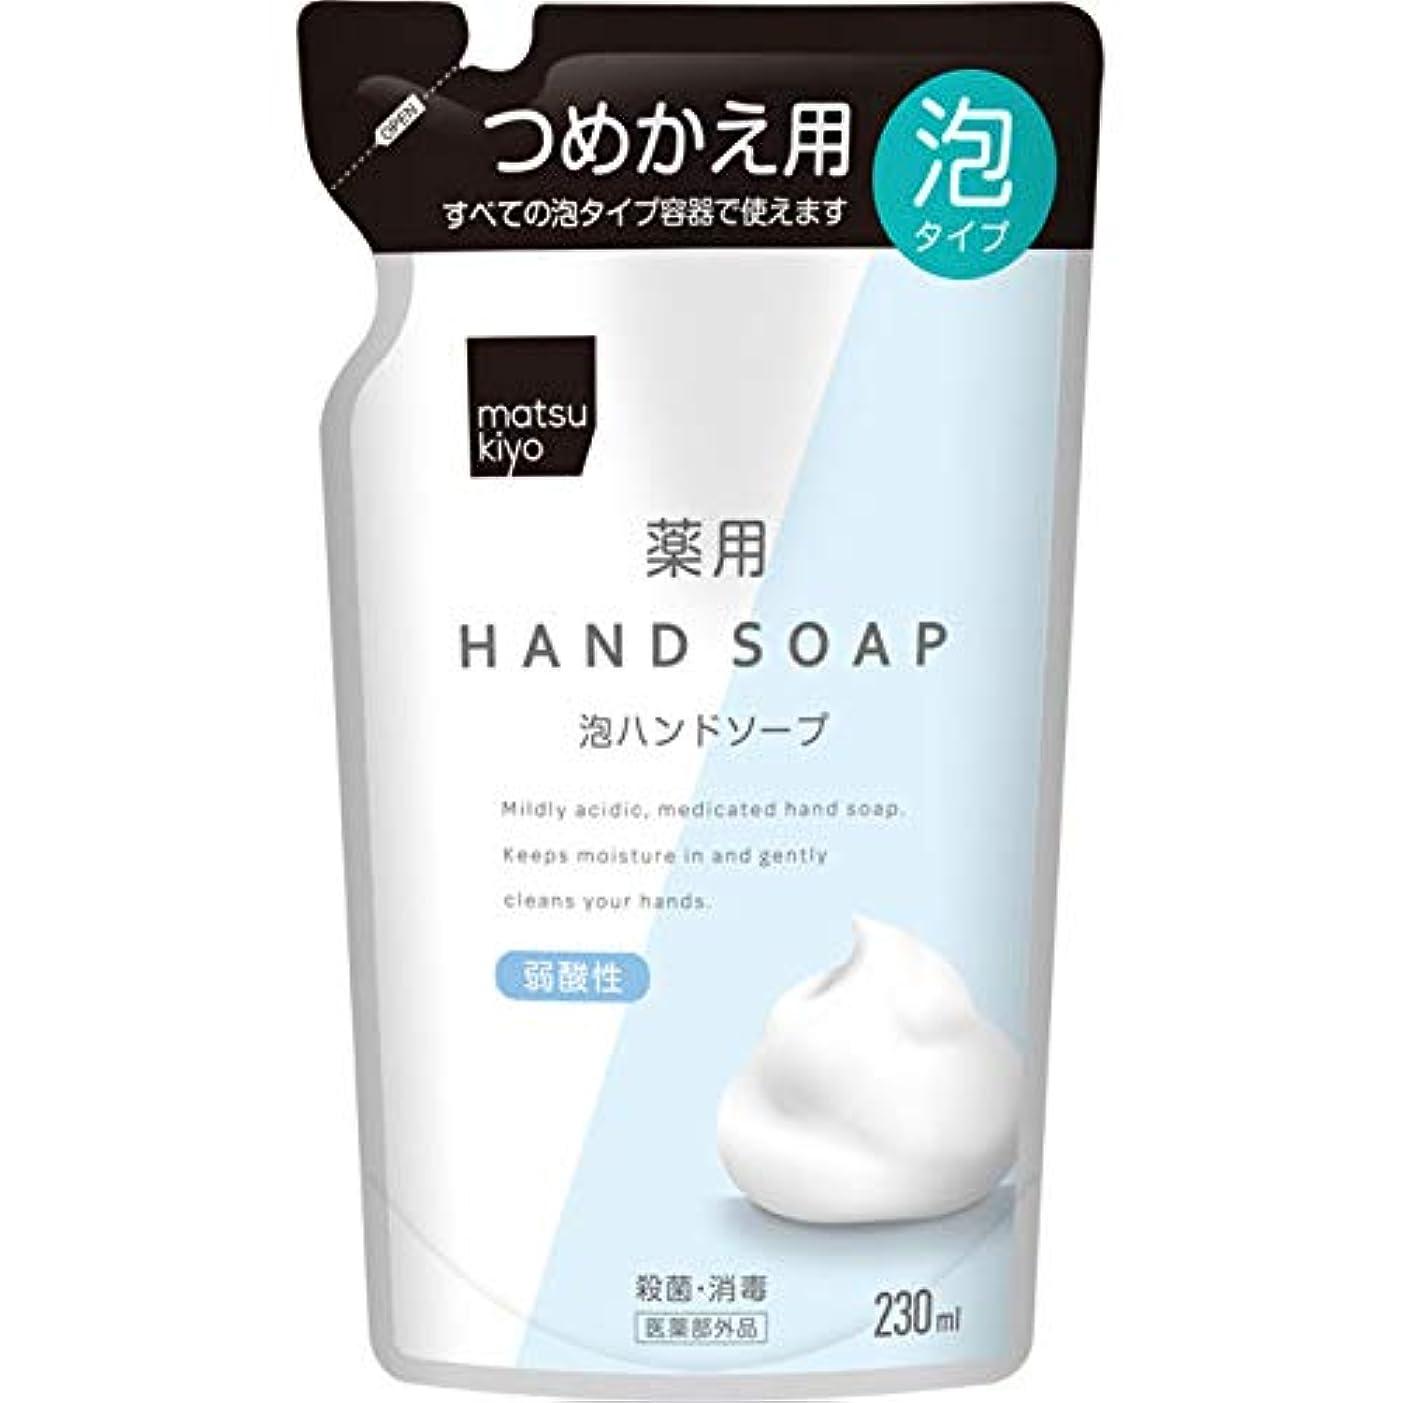 非常に怒っています時間温度matsukiyo 薬用泡ハンドソープ詰替 230ml (医薬部外品)